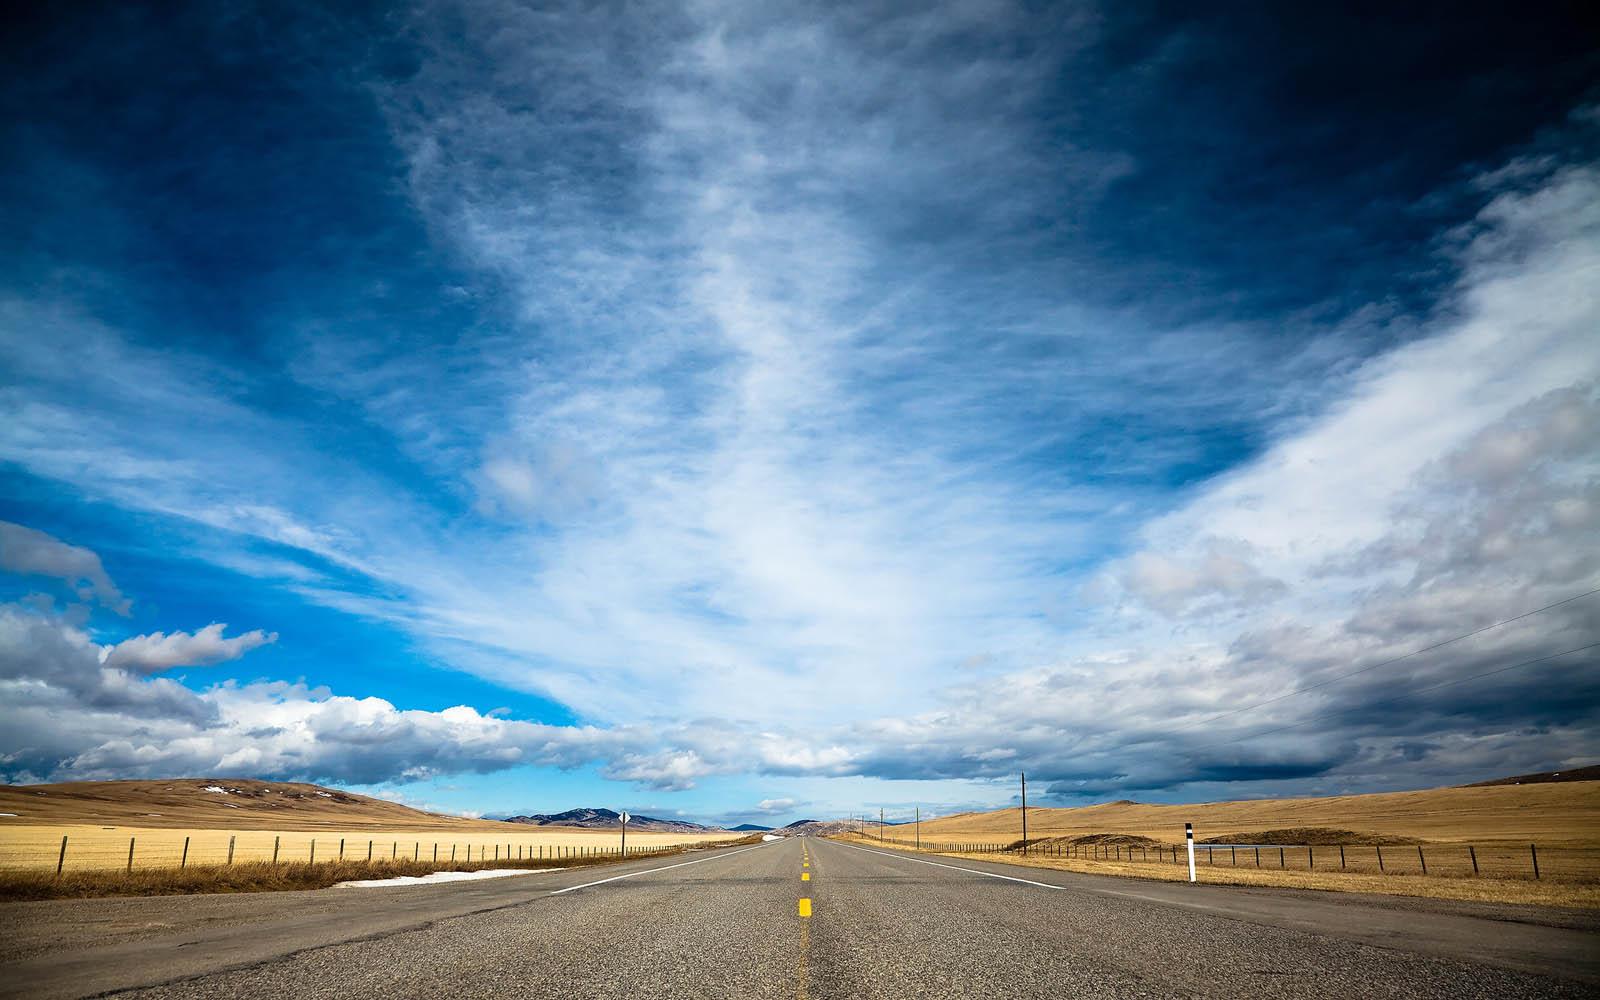 Love wallpaper foto foto langit yang indah di siang hari - Foto wallpaper ...